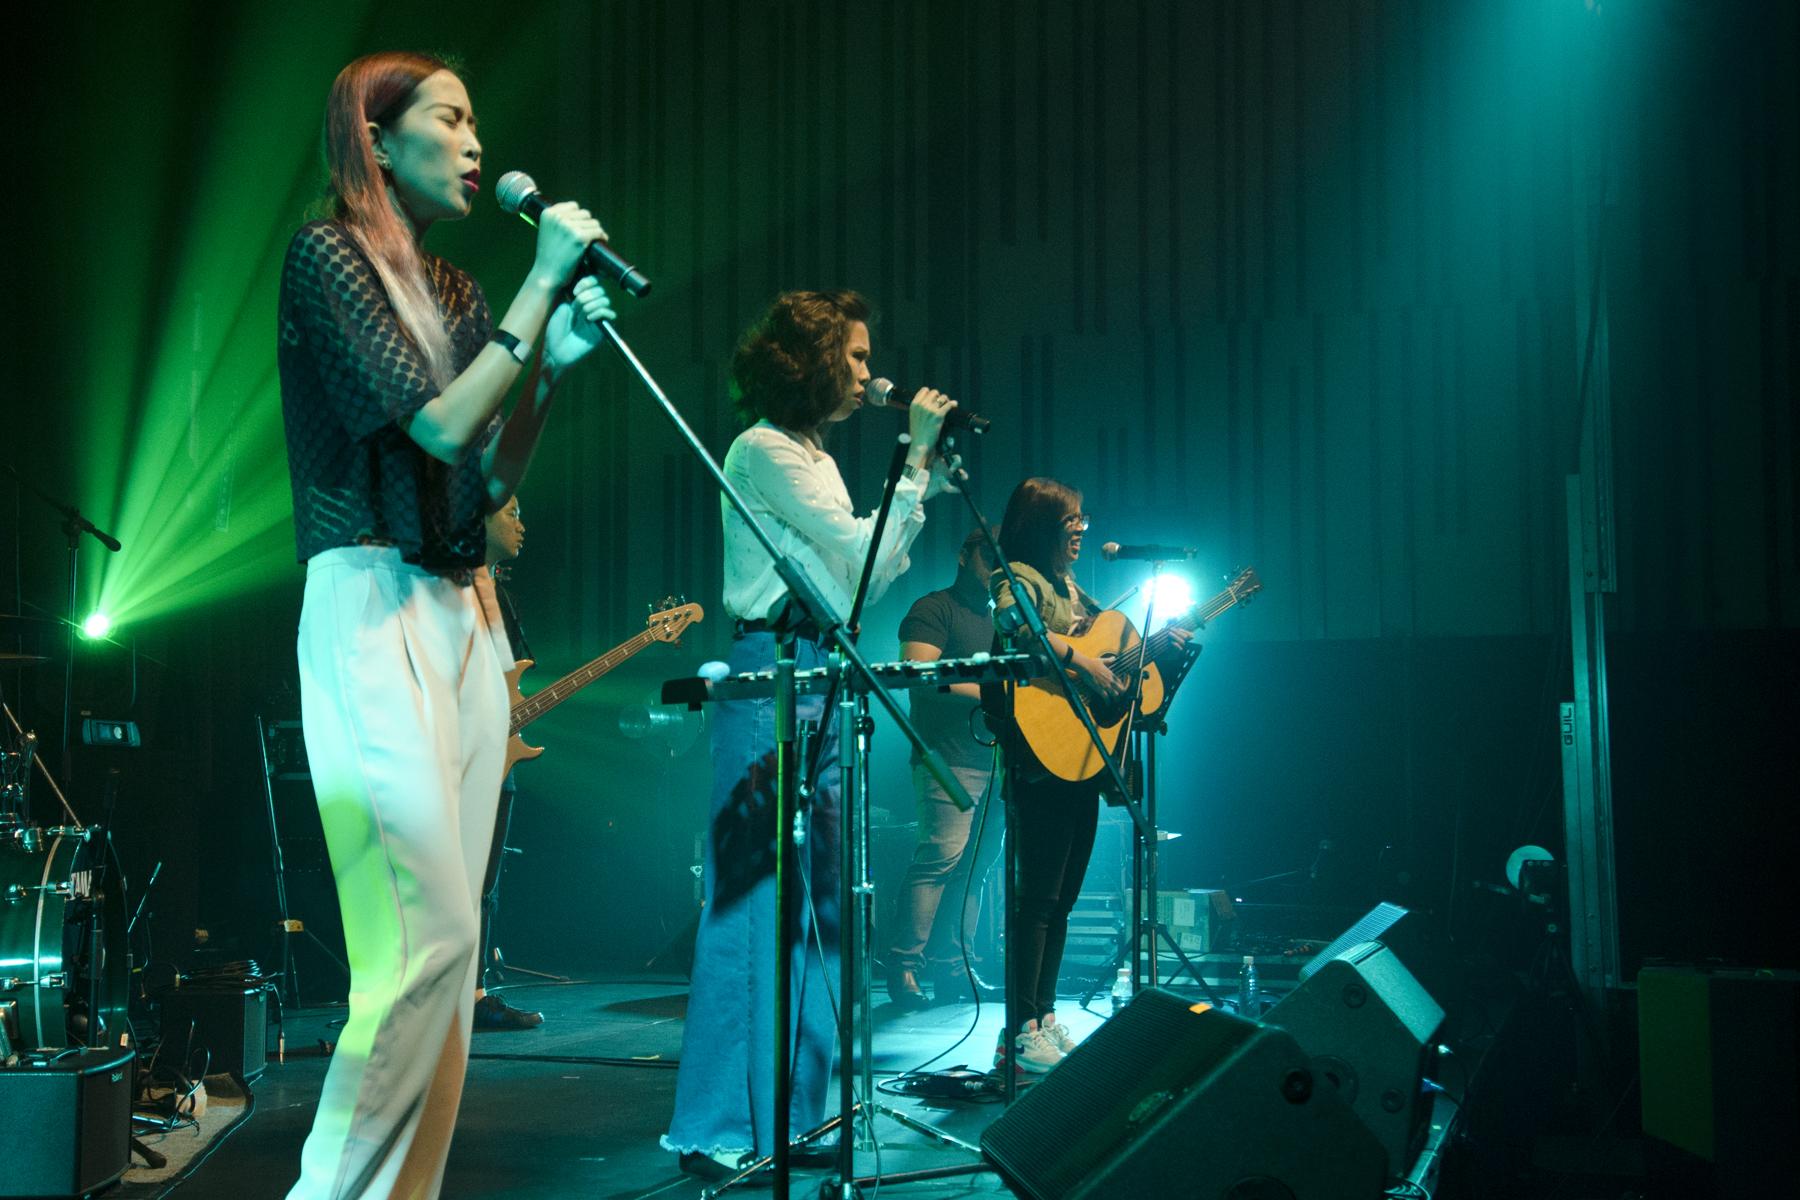 The Impatient Sisters - Live at Buka Panggung, 19/1/2019